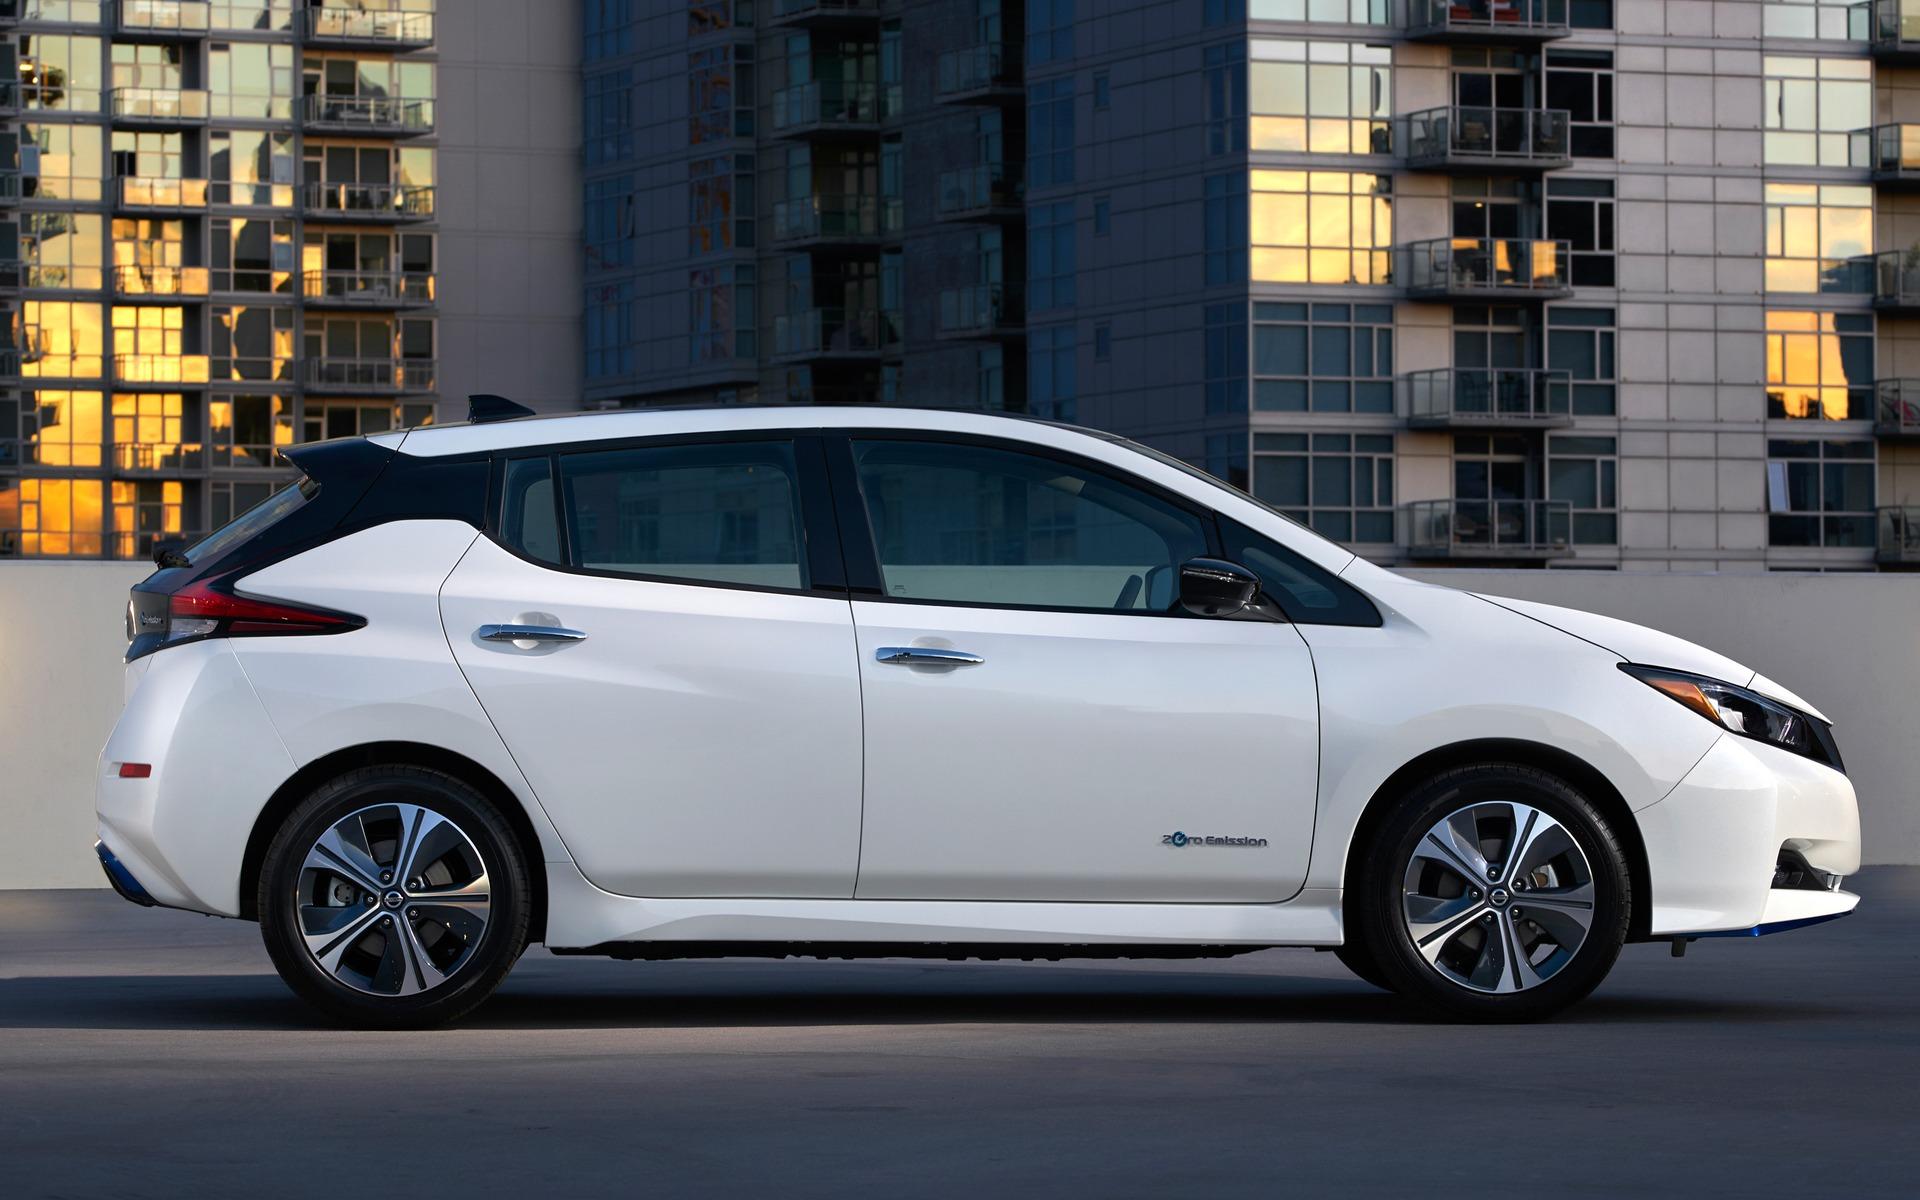 Nissan dévoile une LEAF PLUS à autonomie prolongée 362193_2019_Nissan_LEAF